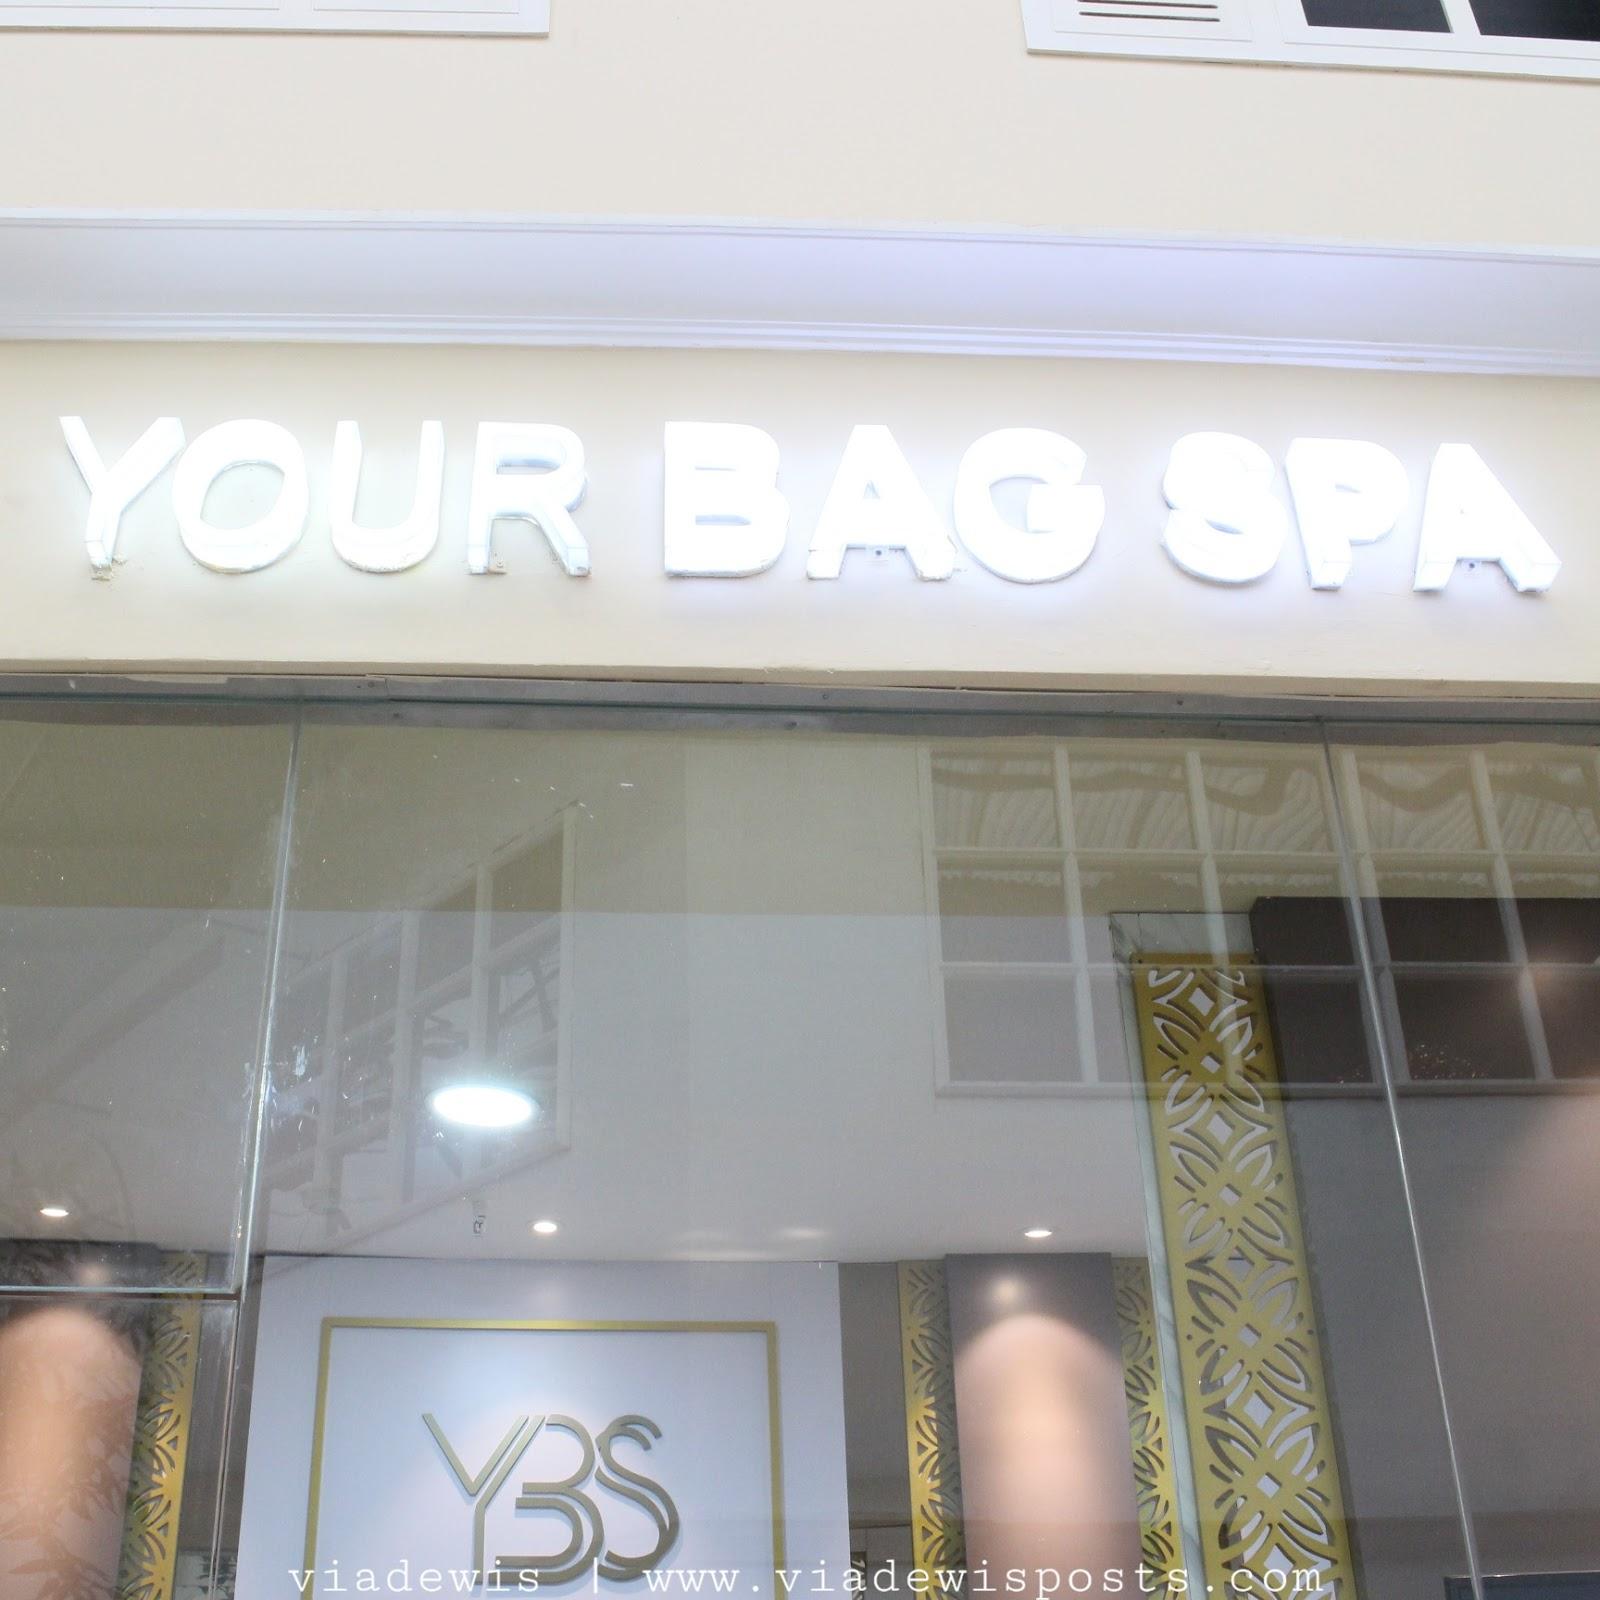 86ad4f177 Your Bag Spa sendiri mempunyai beberapa cabang di kota besar seperti Your  Bag Spa PVJ Bandung, Your Bag Spa 23 Paskal Bandung , Your Bag Spa Mall  Kelapa ...